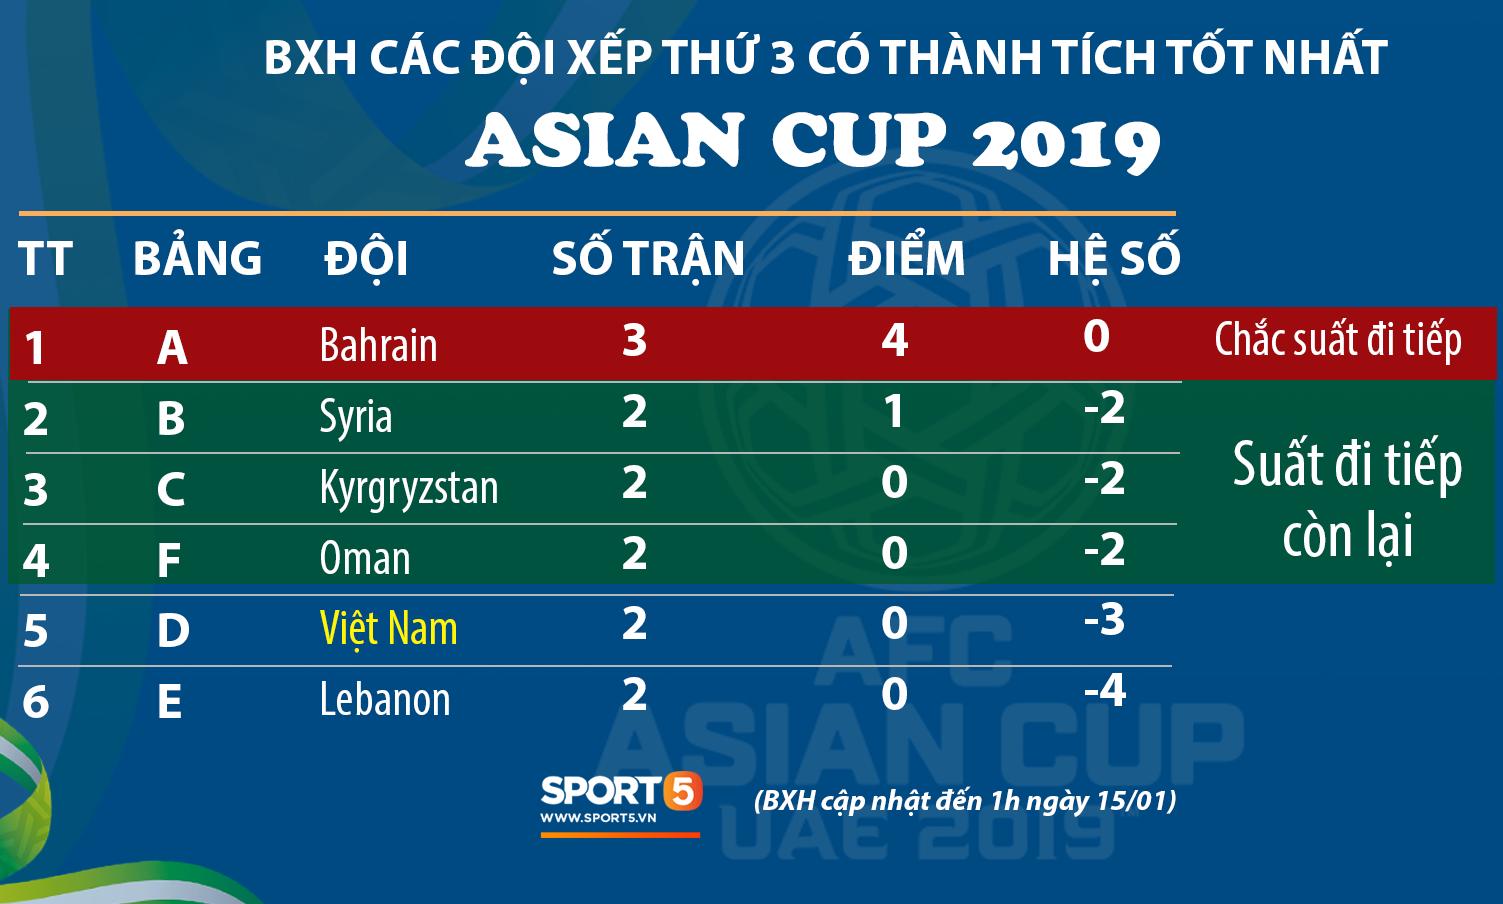 Danh tính trọng tài cầm còi trận Việt Nam - Yemen: Nổi danh châu Á, rất được lòng fan Việt - Ảnh 3.